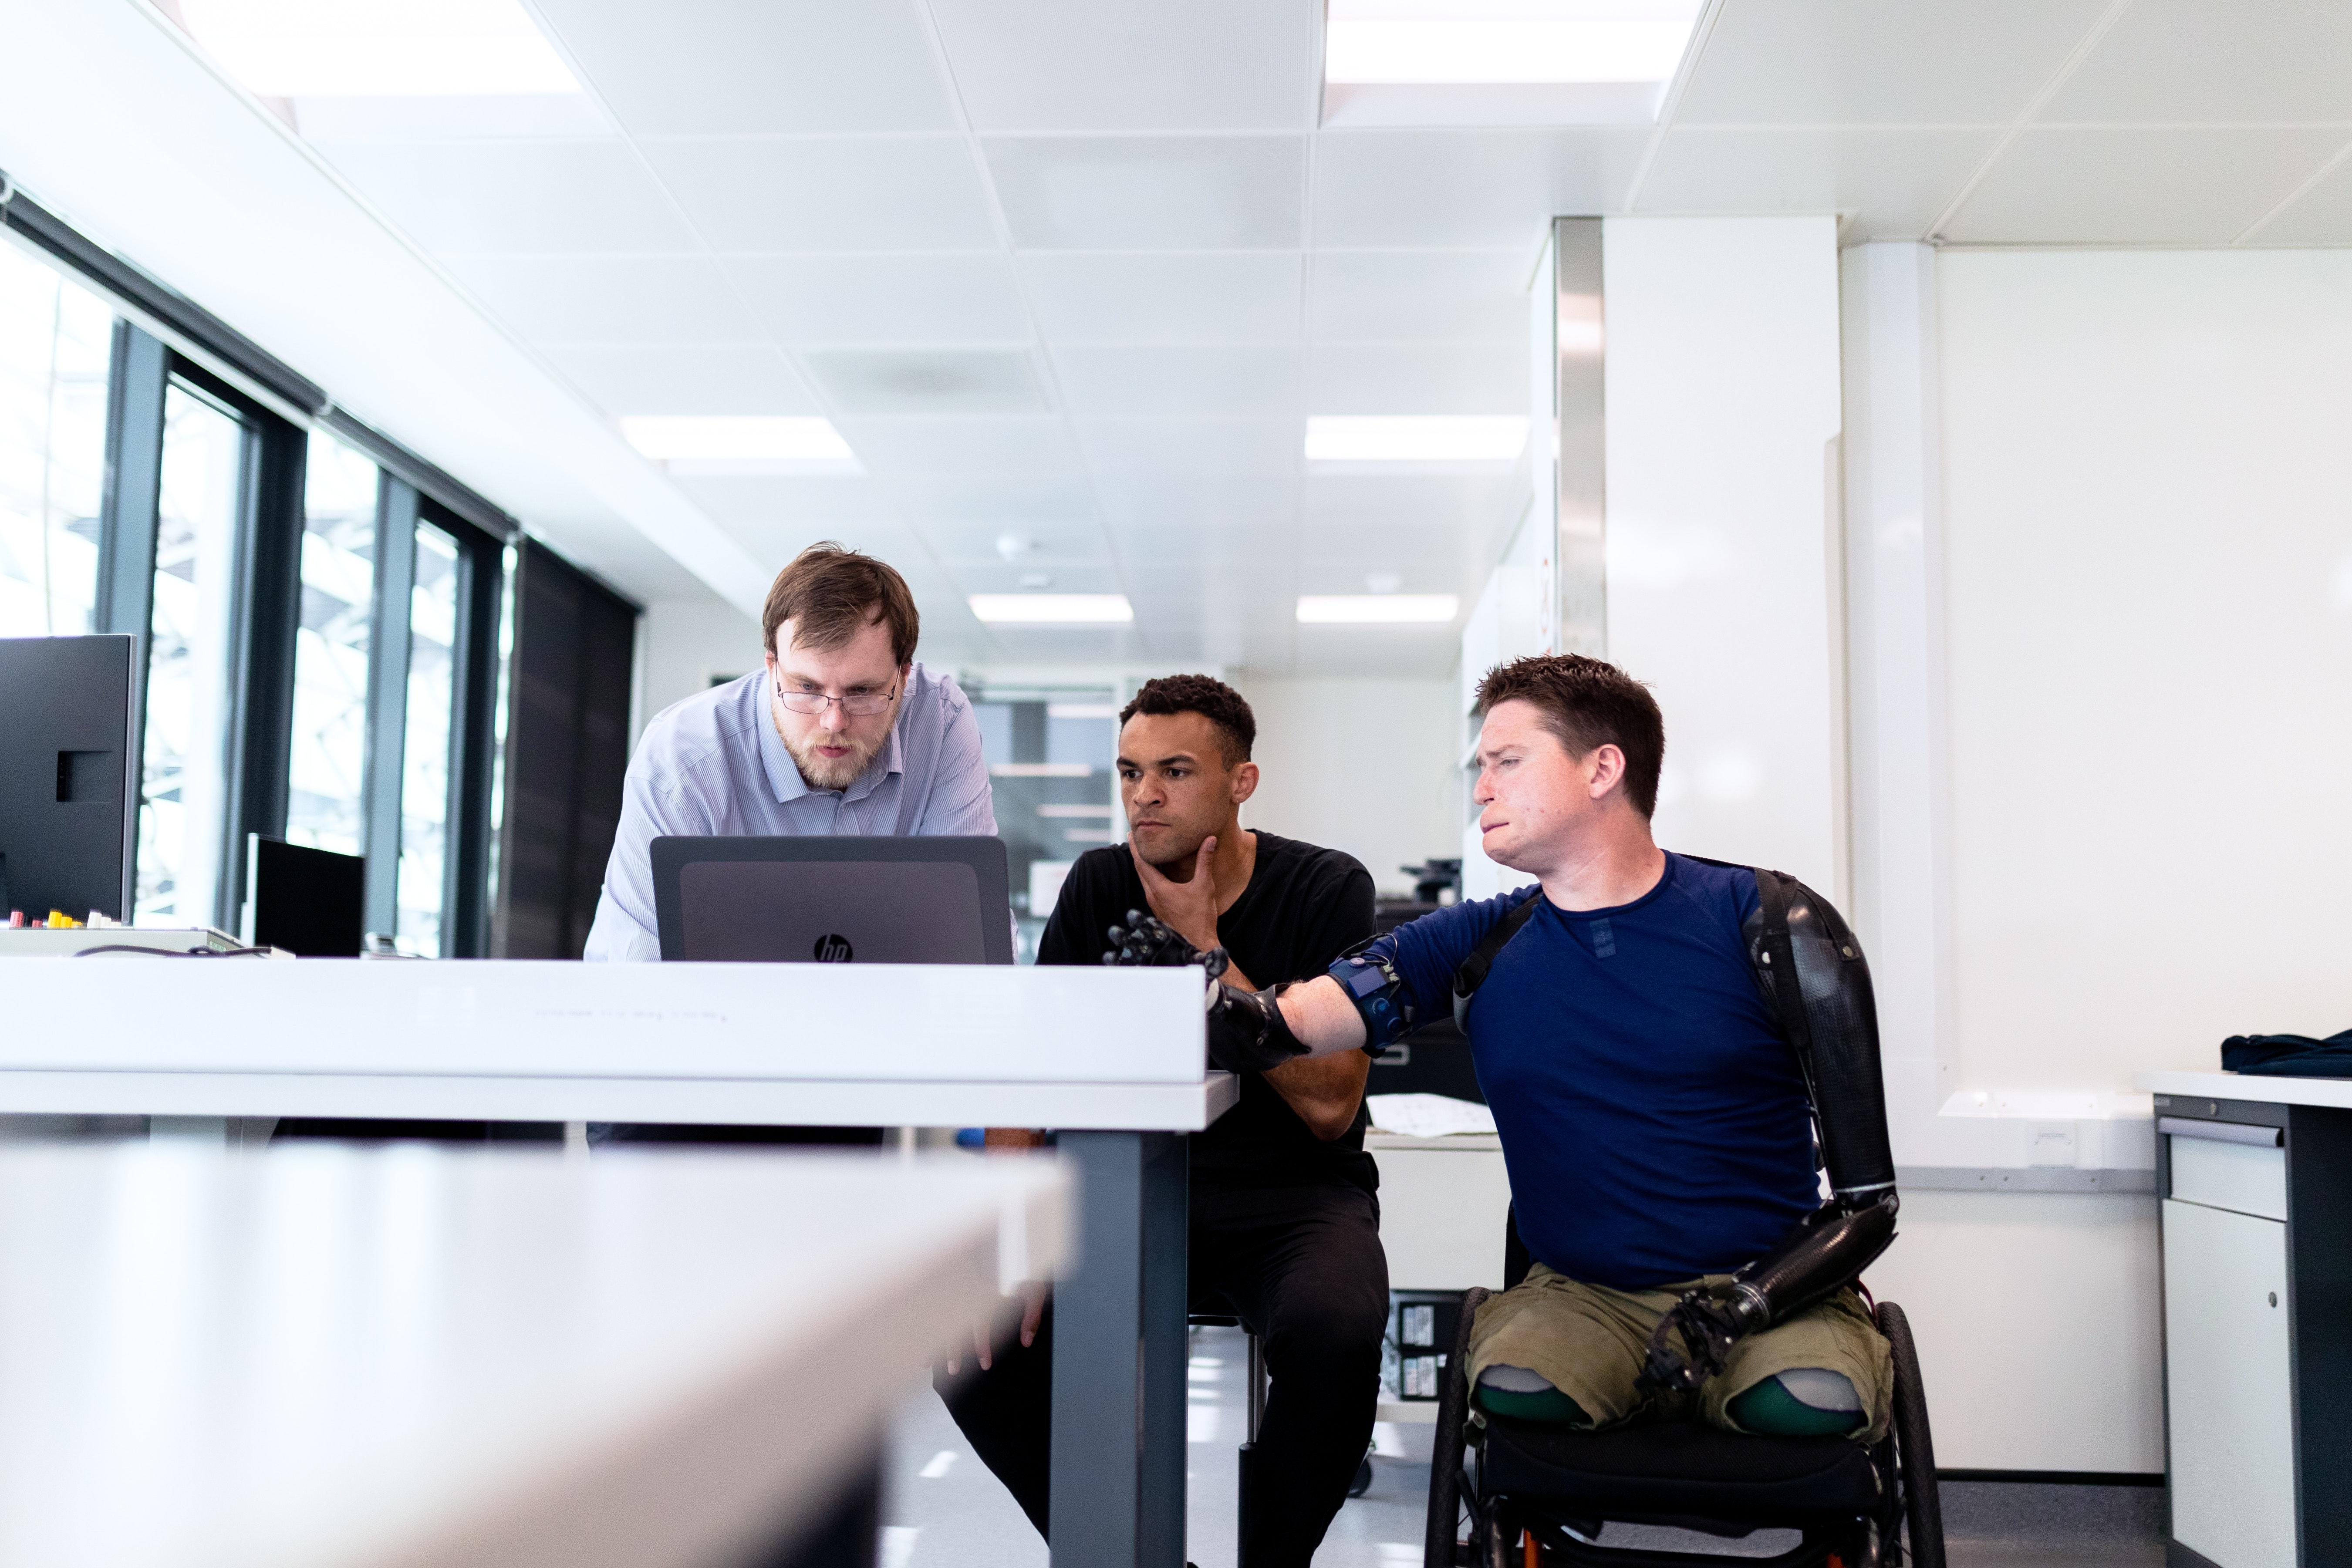 Pyörätuolissa istuva mies ja kaksi muuta miestä tietokoneen äärellä.